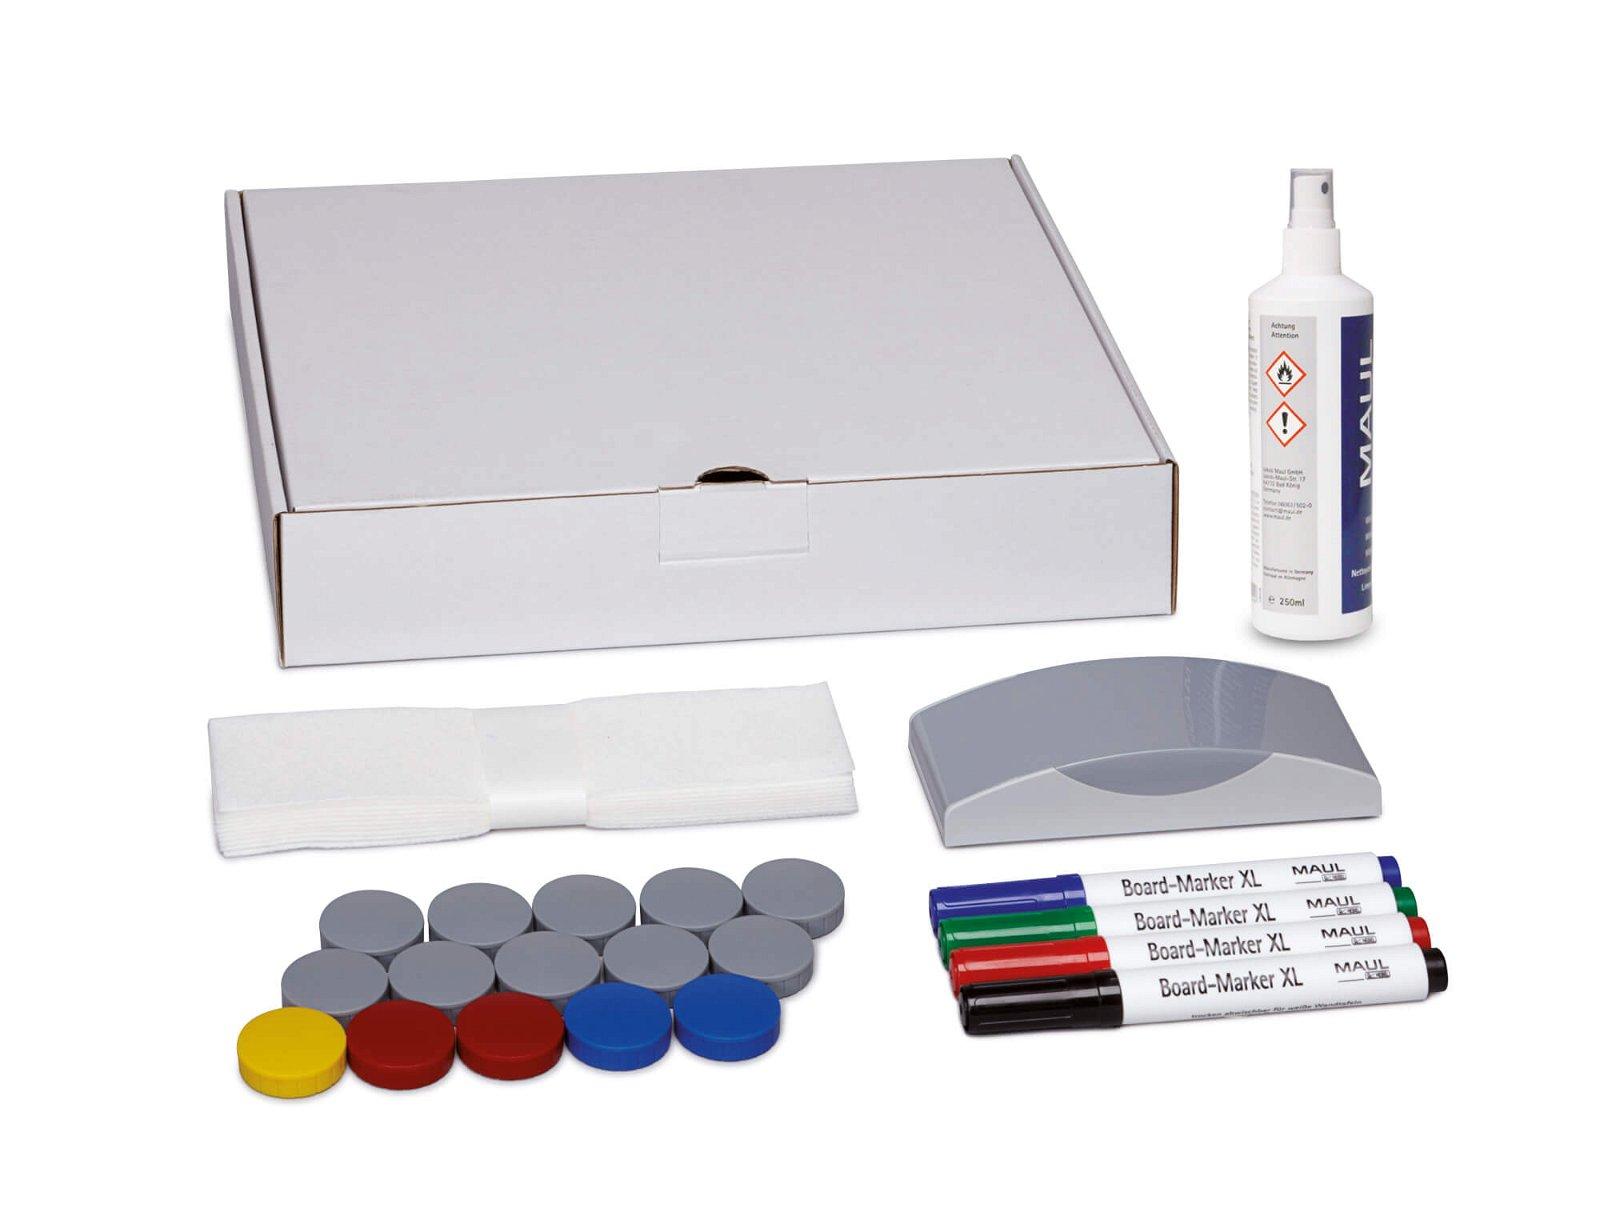 Whiteboard Zubehör-Set, Karton klein, sonstige